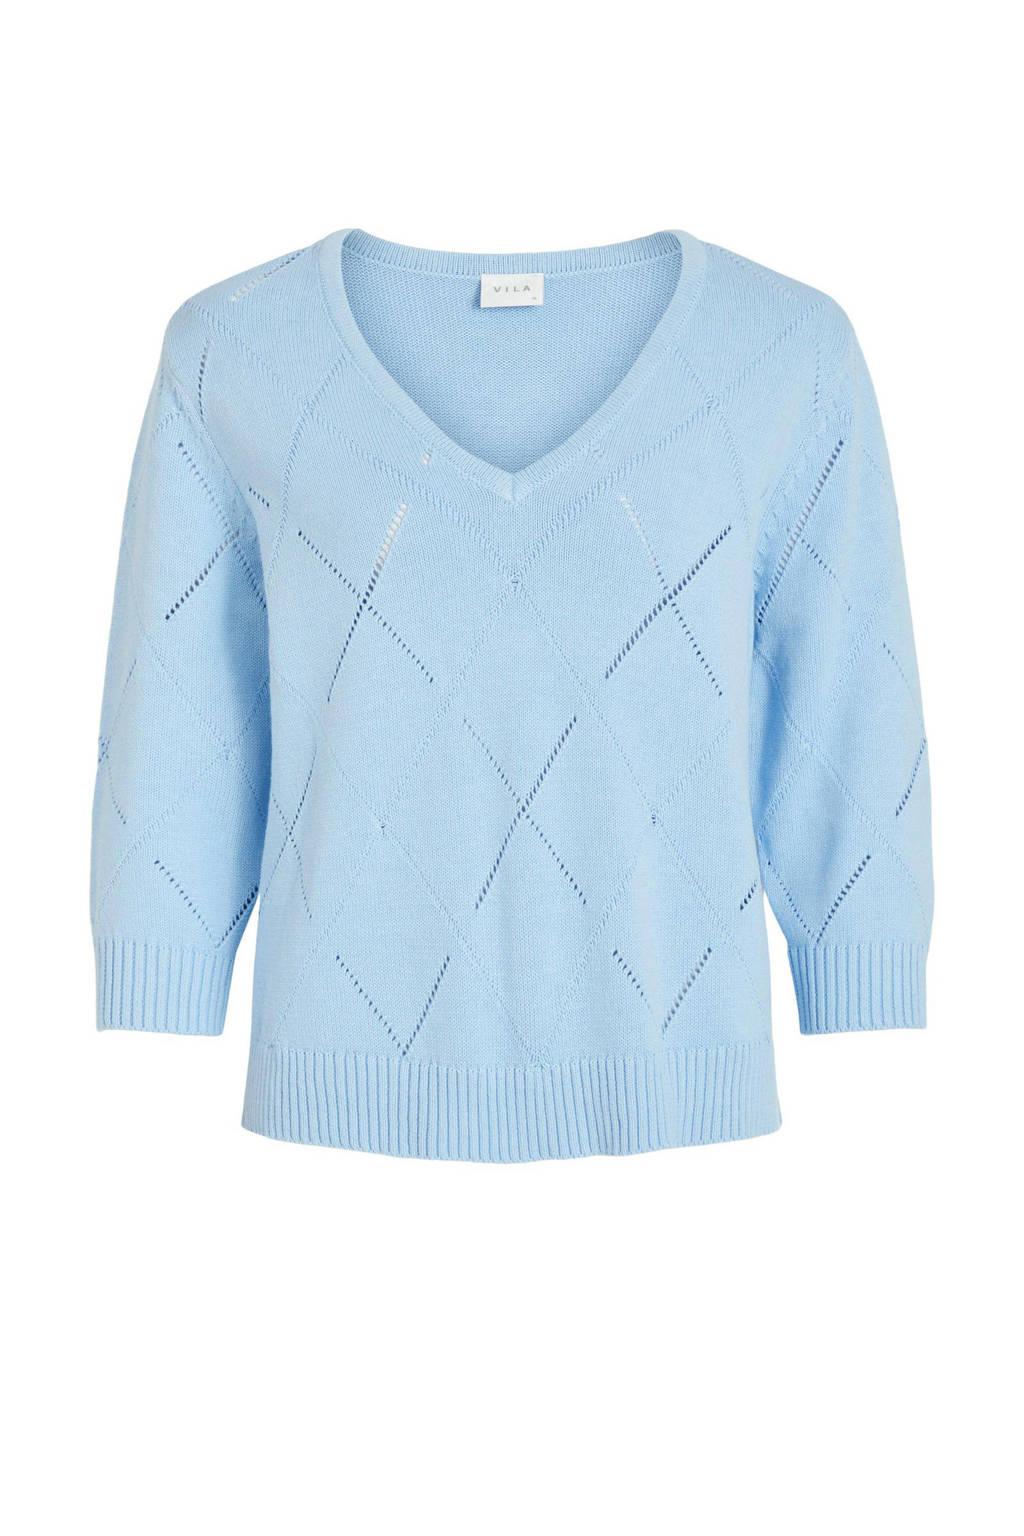 VILA trui VILAVISTA van biologisch katoen lichtblauw, Lichtblauw